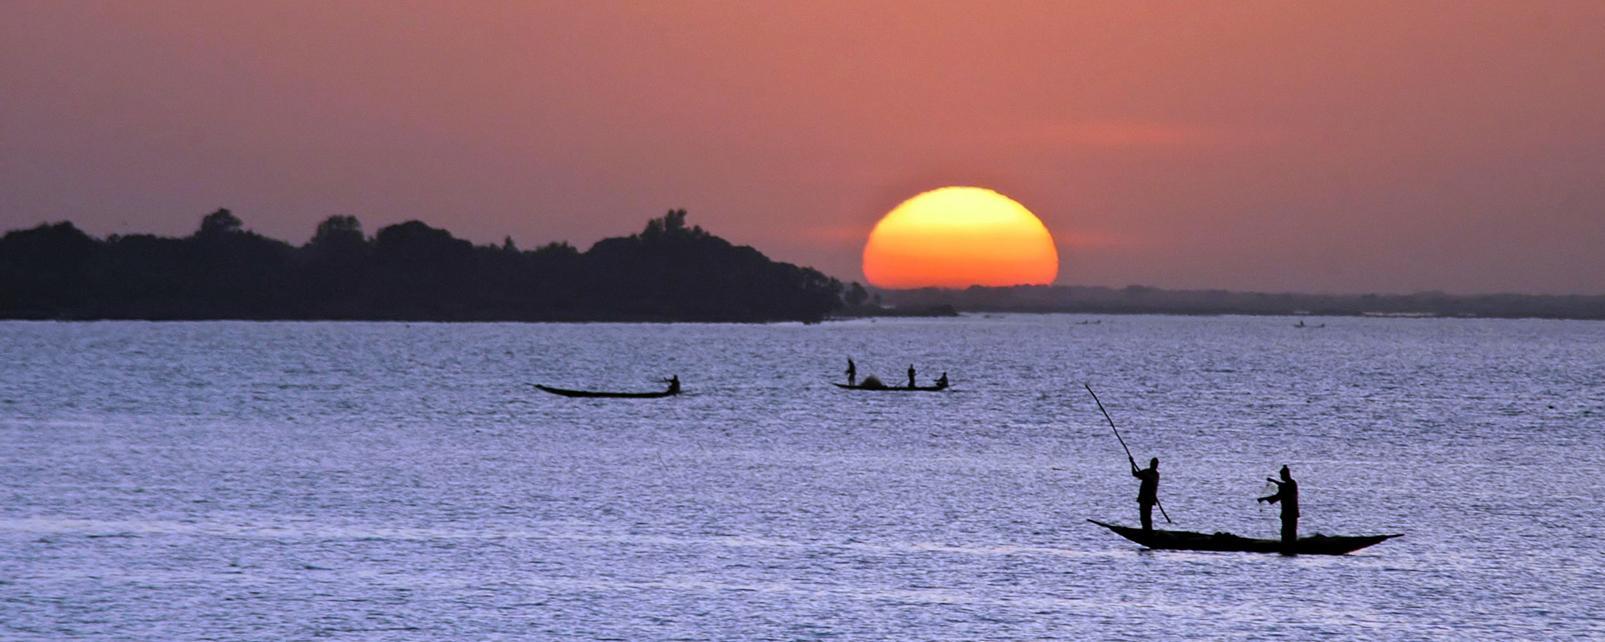 Afrique, Mali, lac, fleuve, canot, pirogue, pêche, coucher de soleil, mer, pêcheur,